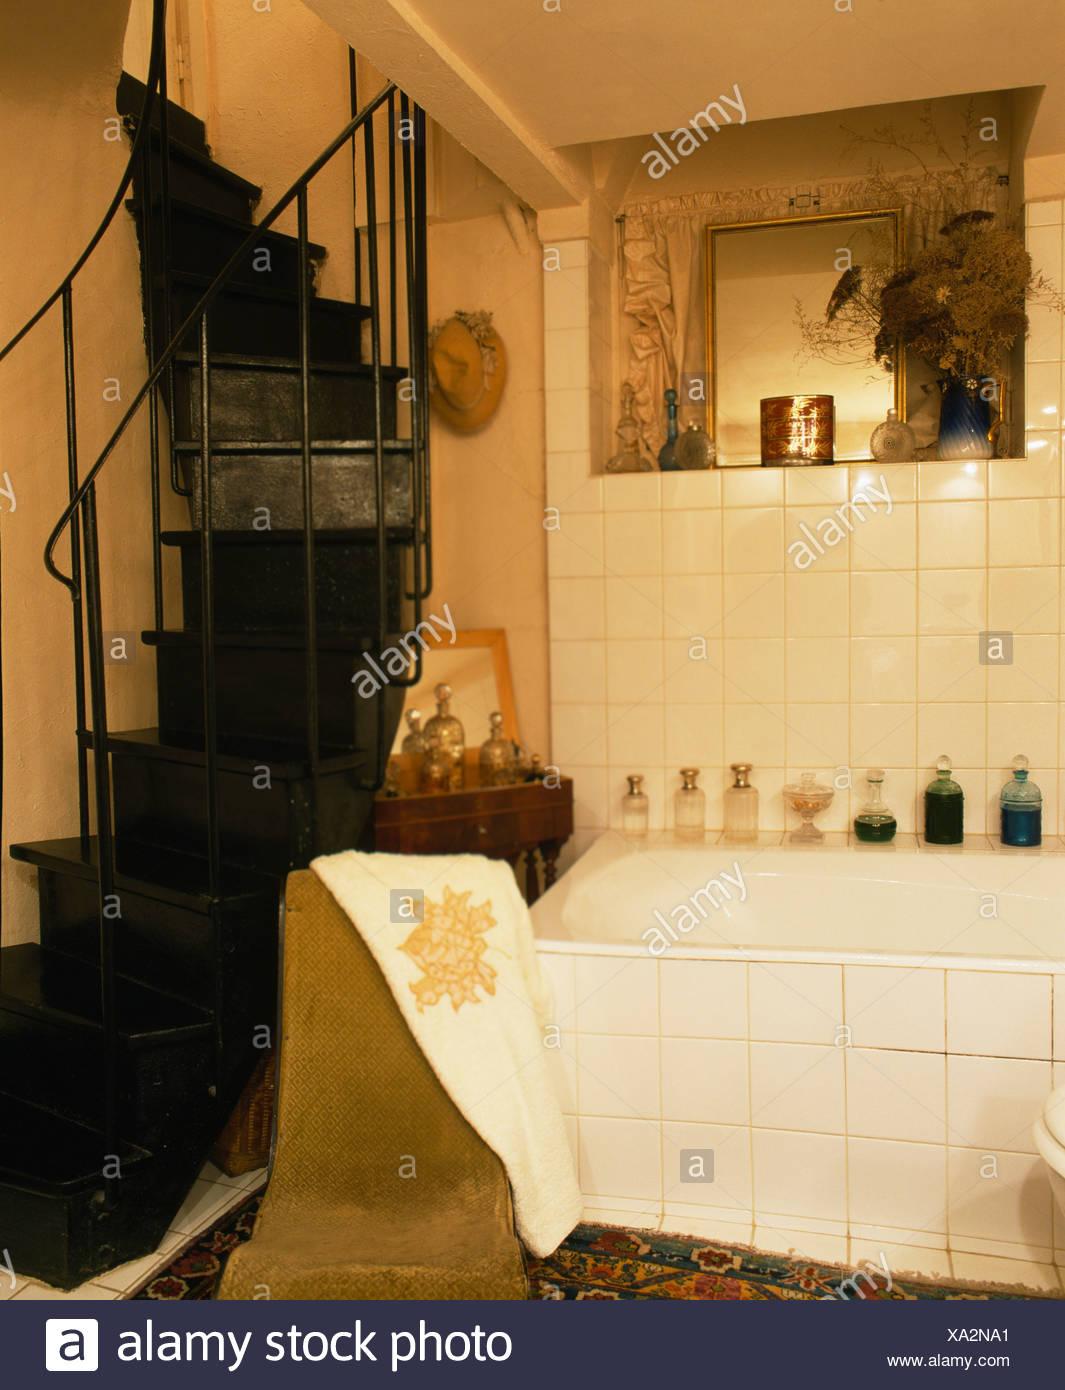 Escalier en spirale noire en français pays salle de bains ...